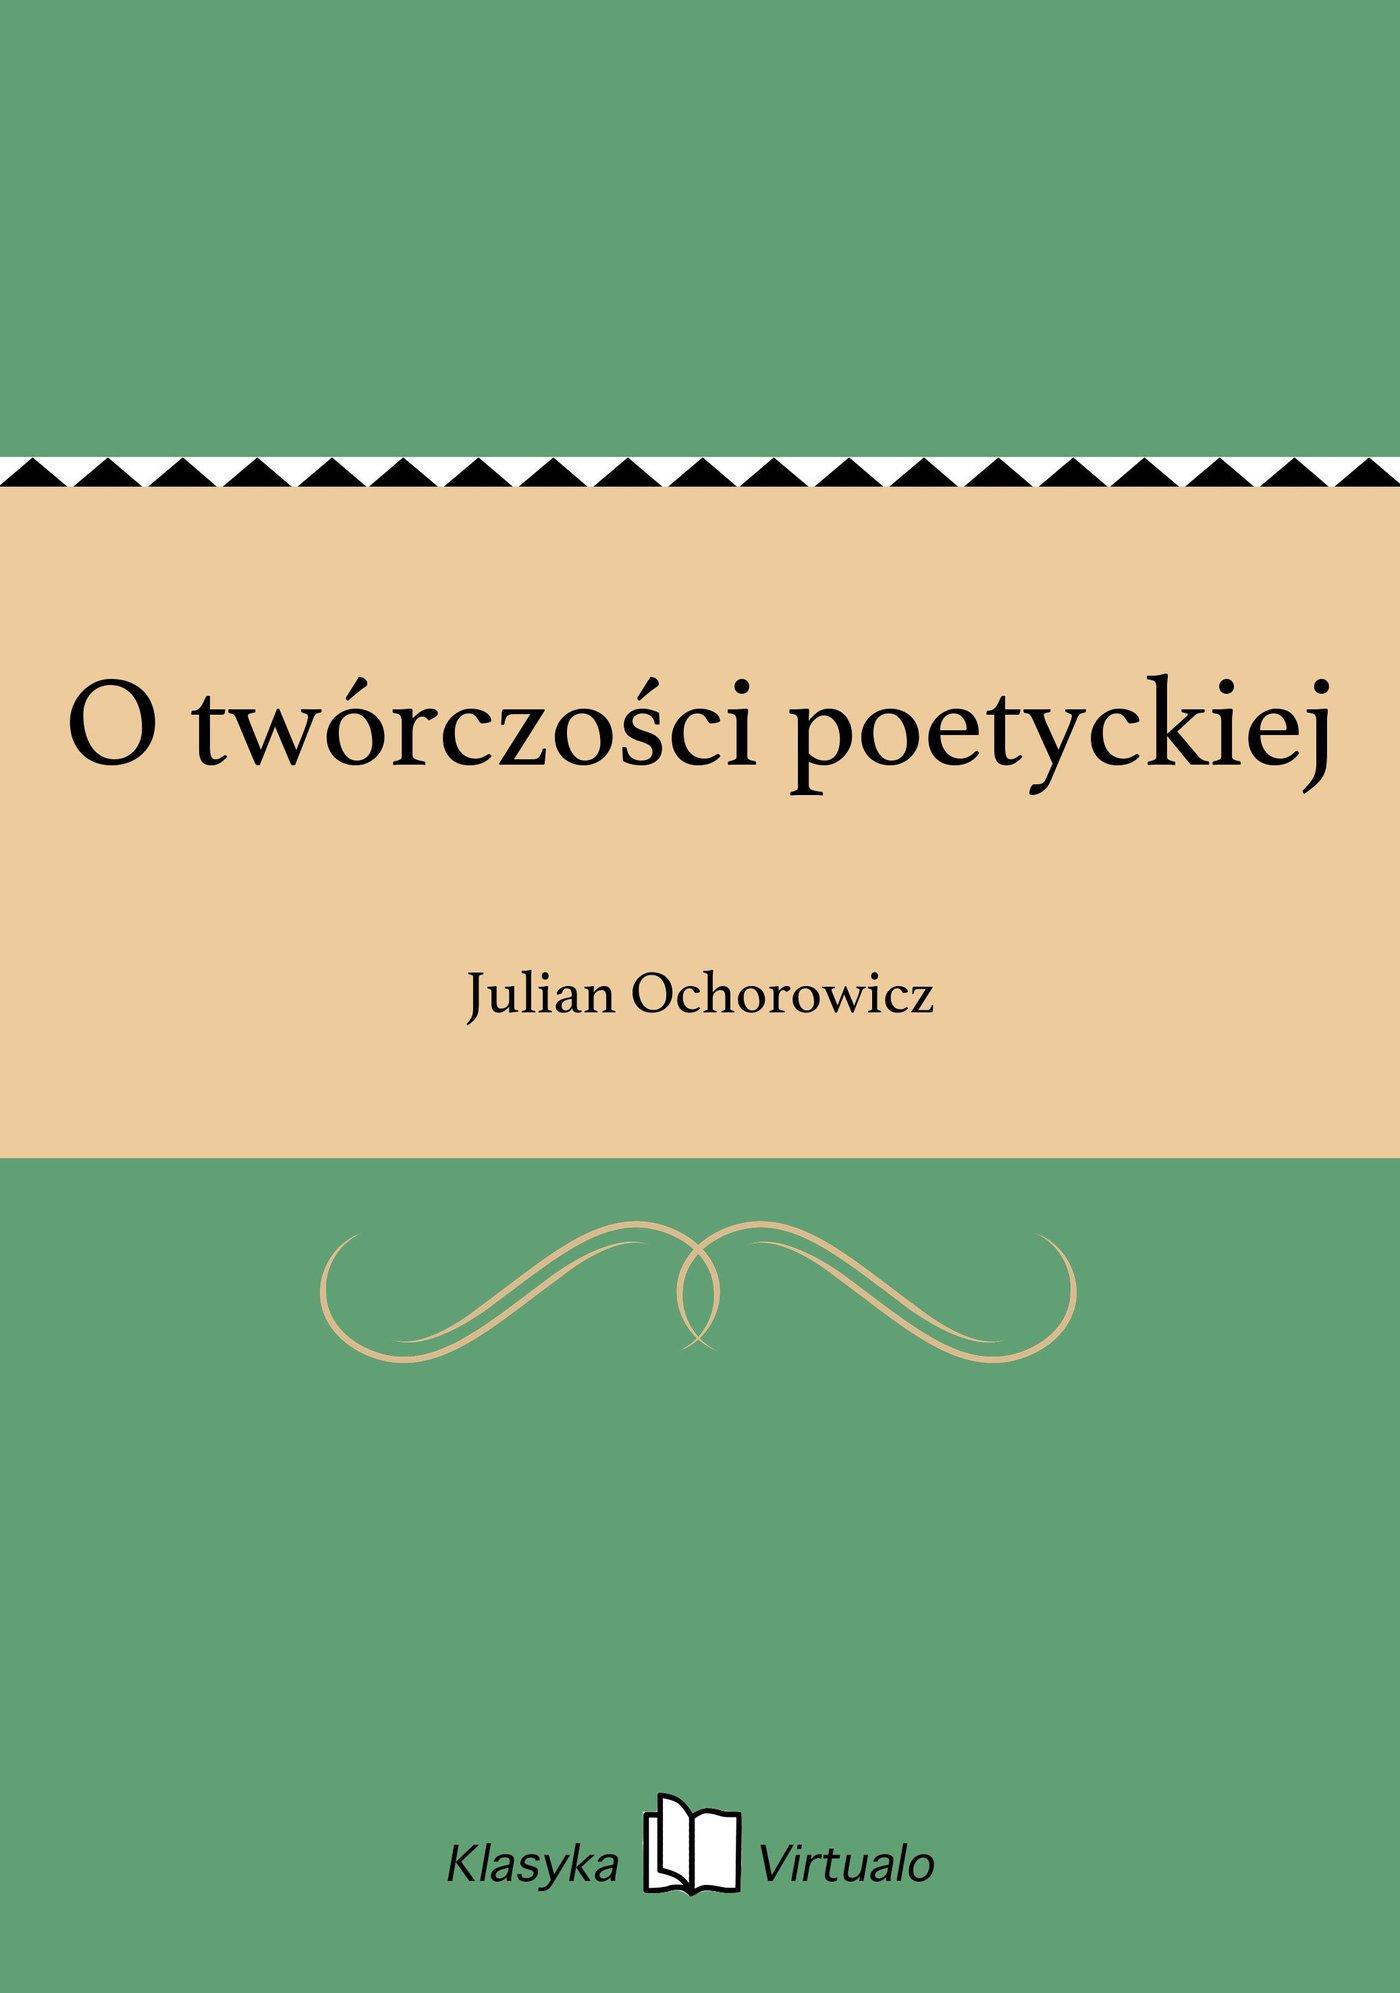 O twórczości poetyckiej - Ebook (Książka na Kindle) do pobrania w formacie MOBI